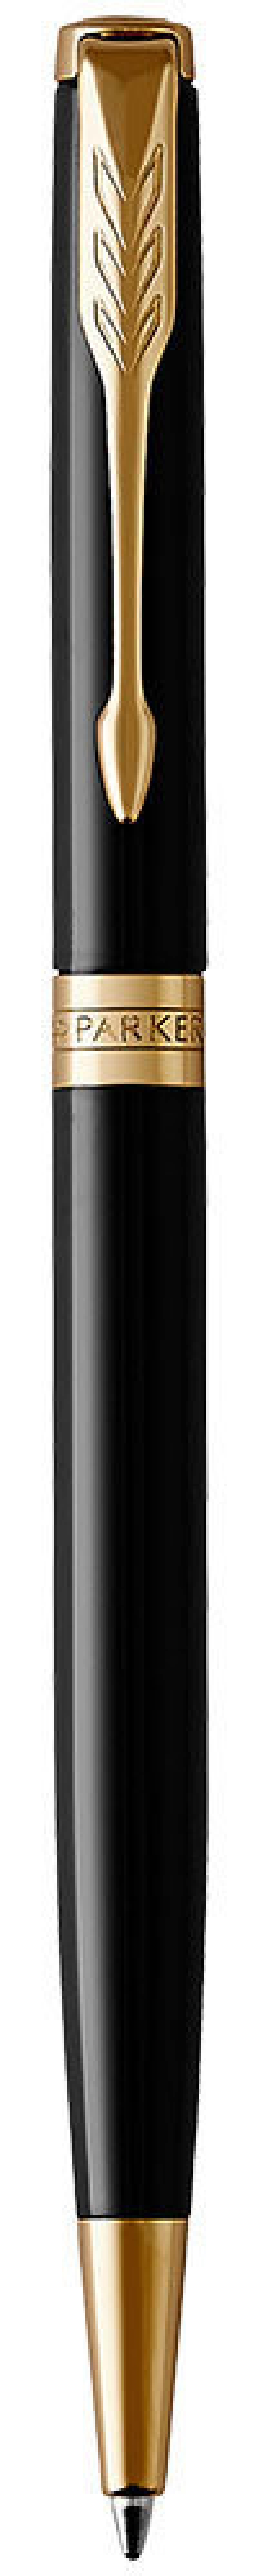 Шариковая ручка поворотная Parker Sonnet Core K430 Slim LaqBlack GT черный M 1931498 шариковая ручка поворотная parker sonnet core k527 stainless steel gt черный m 1931507